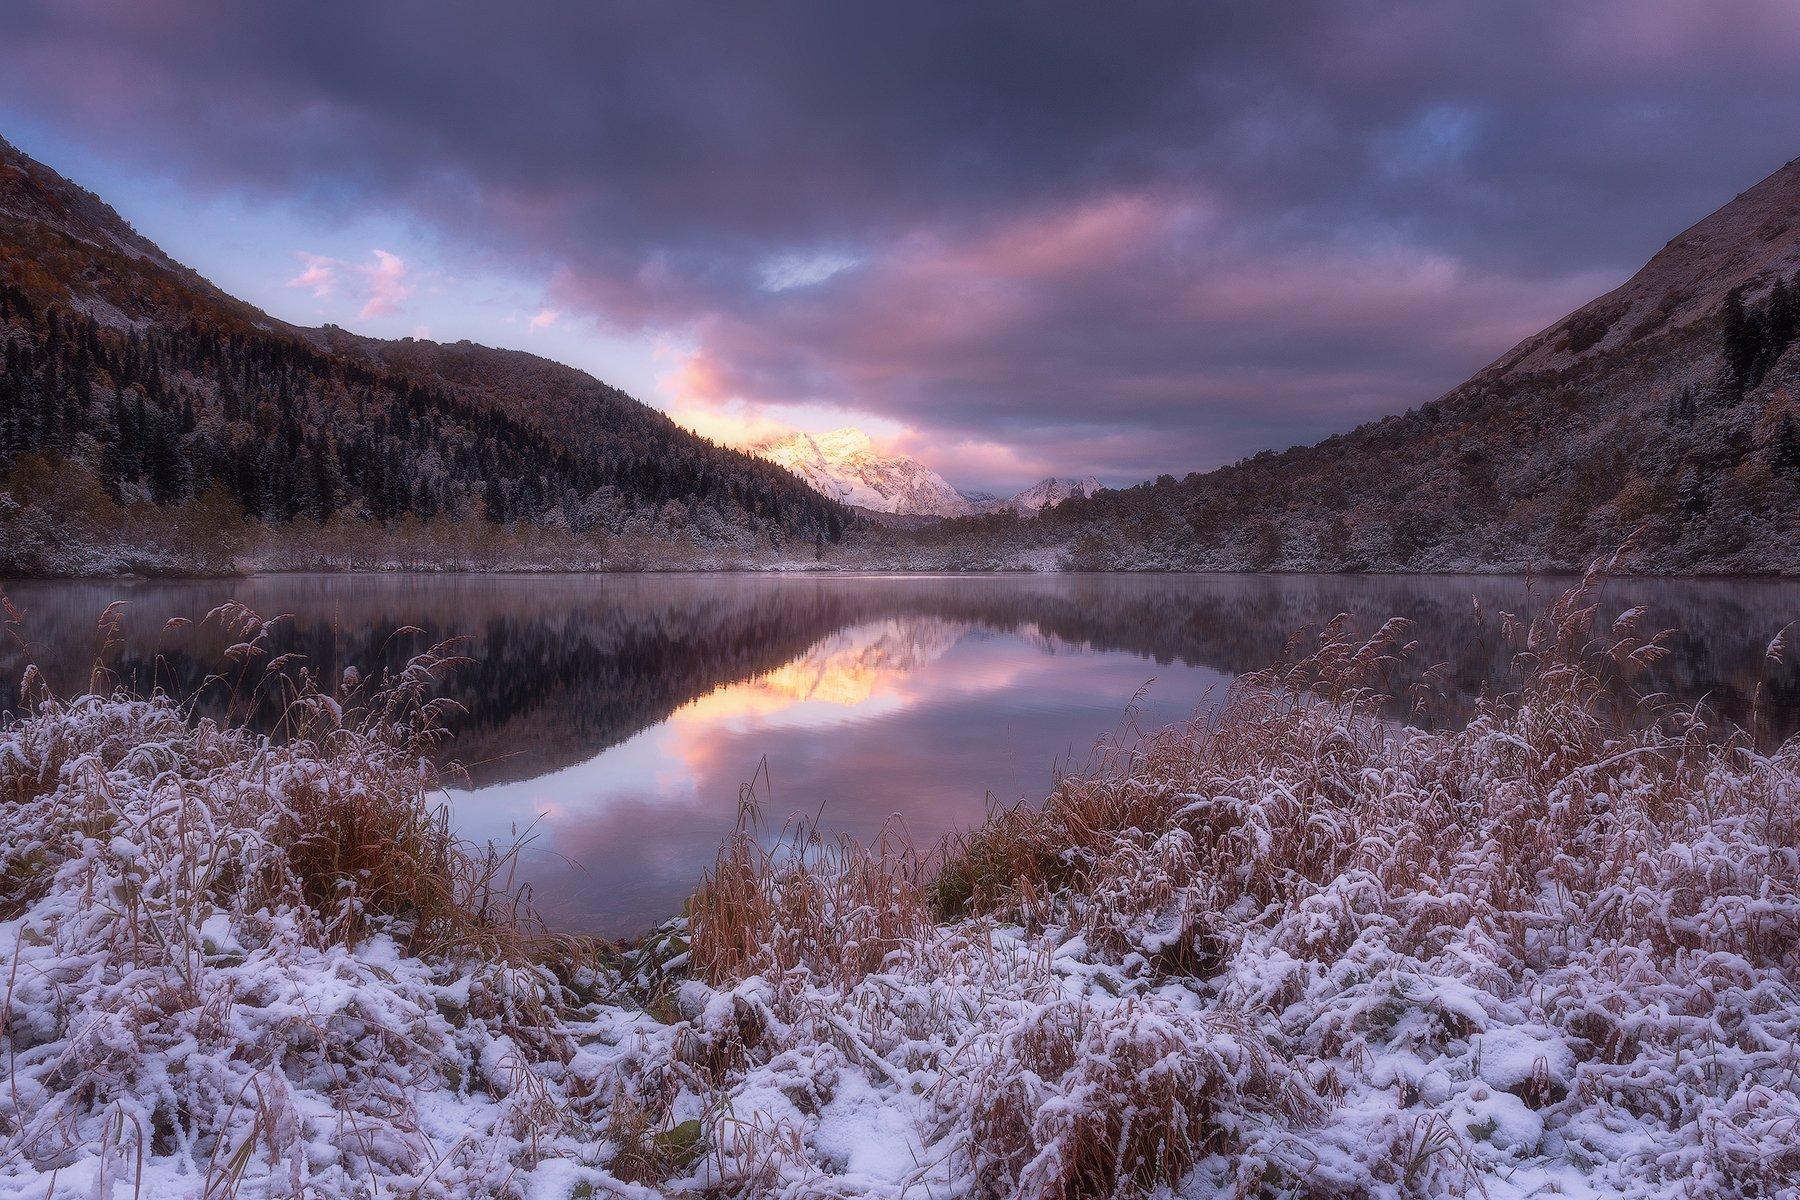 рассвет, снег, горы, озеро, отражение, осень, кавказ, пейзаж, кардывач, агепста, кавказский заповедник, Leschinskaya Tania